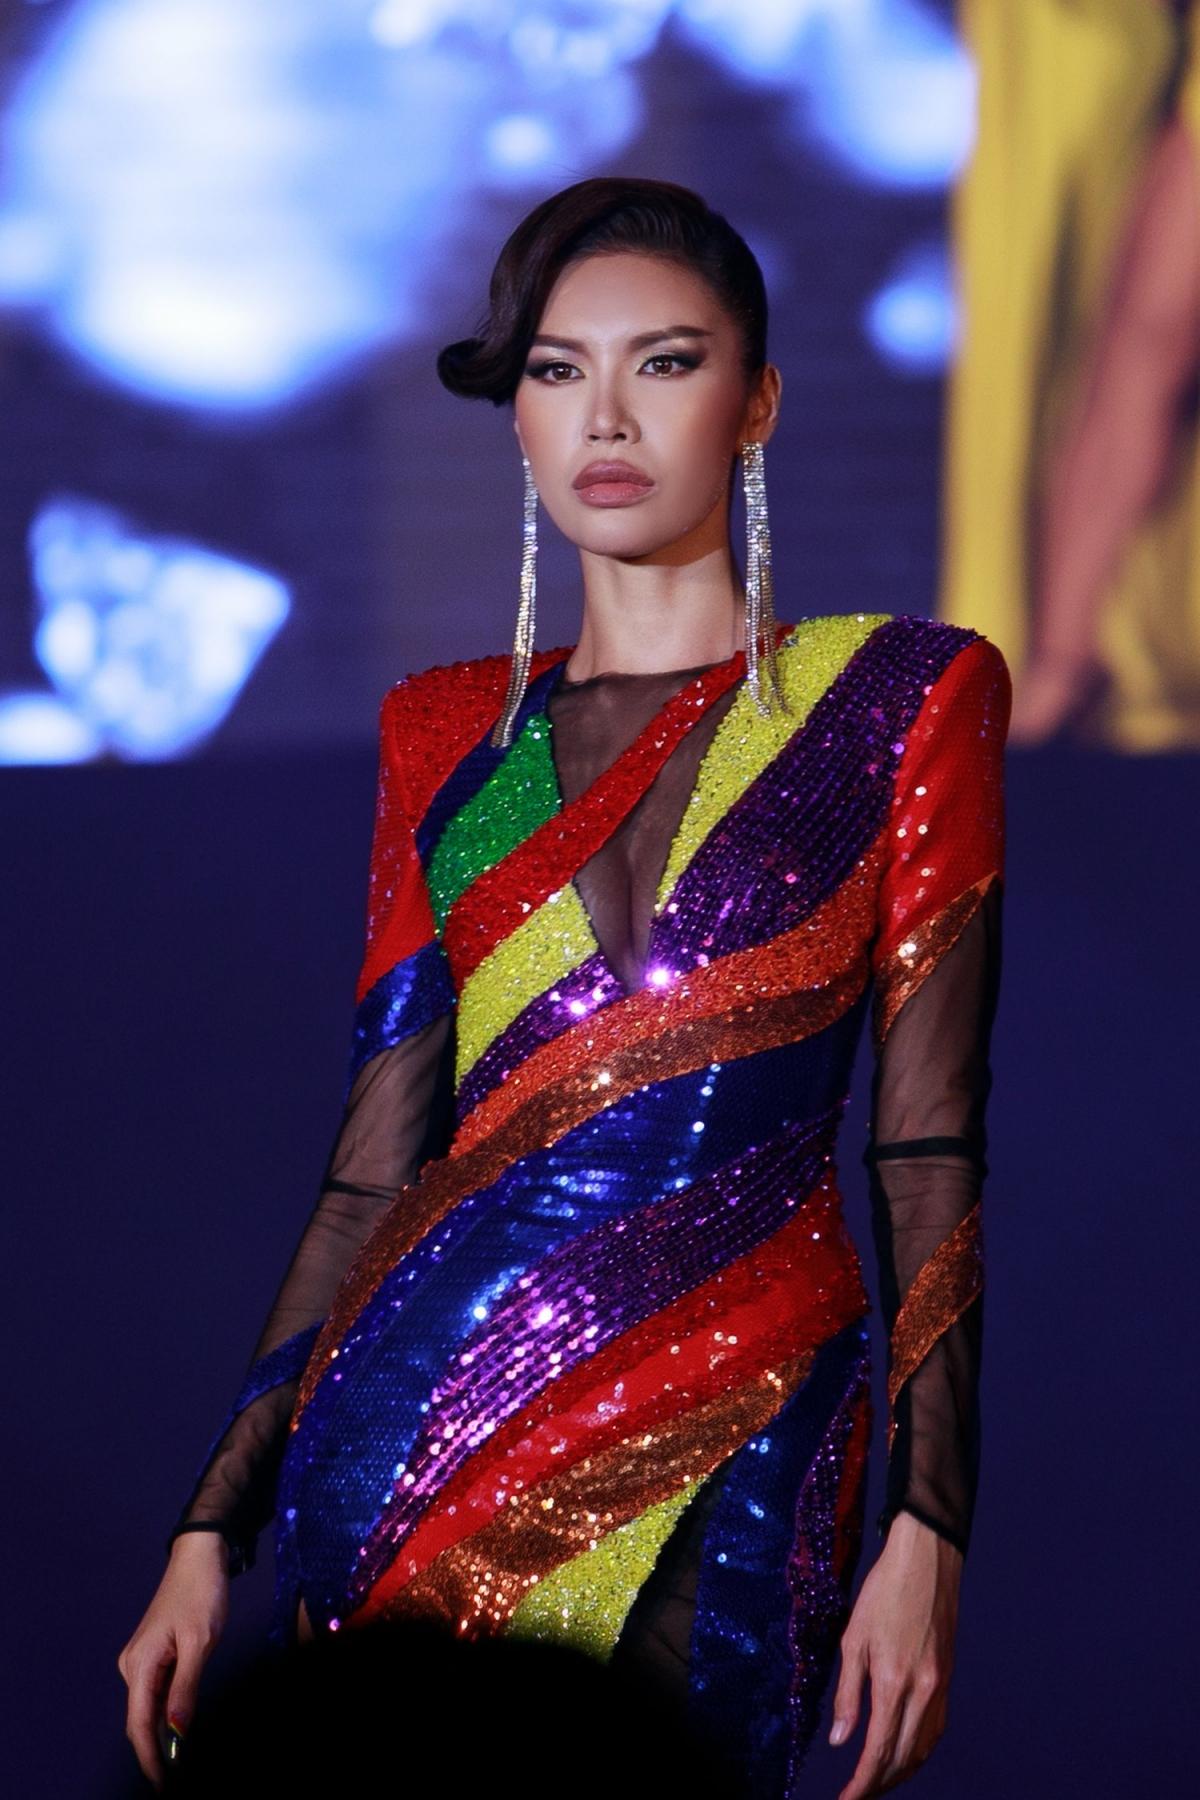 Minh Tú tinh tế lựa chọn thiết kế đầm dạ hội với 6 màu trong lá cờ lục sắc.